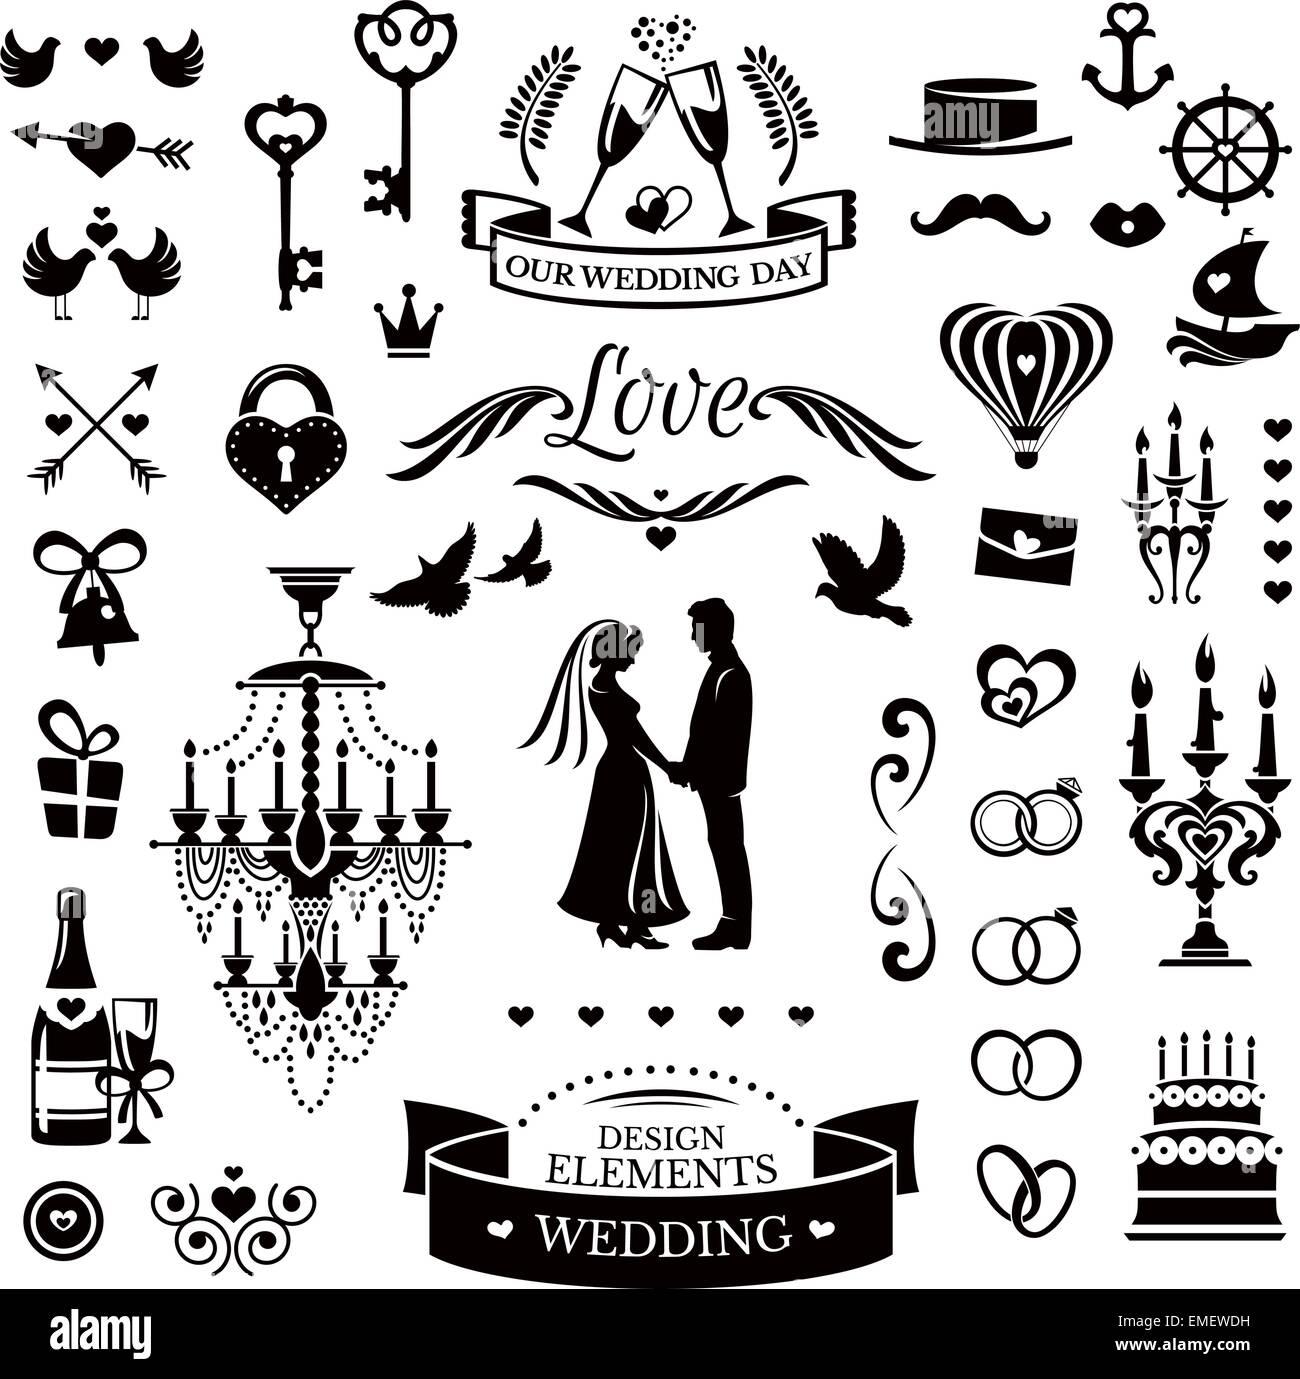 Hochzeit Symbole Und Elemente Vektor Abbildung Bild 81461901 Alamy